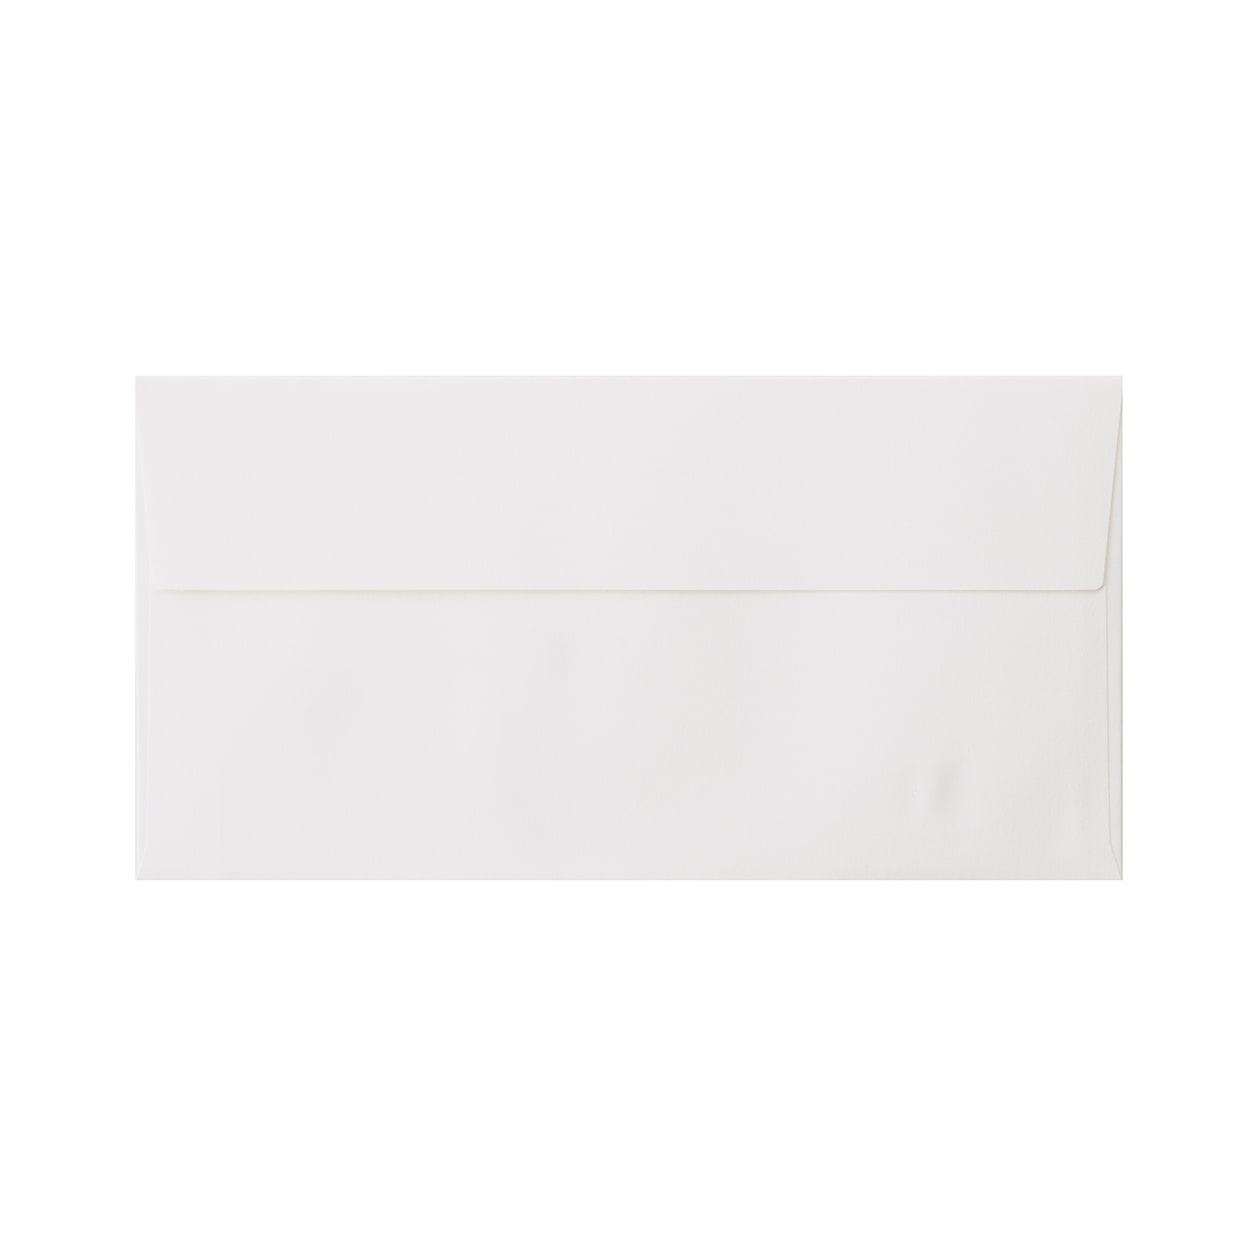 見本 00014 長3カマス封筒 コットン スノーホワイト 116.3g